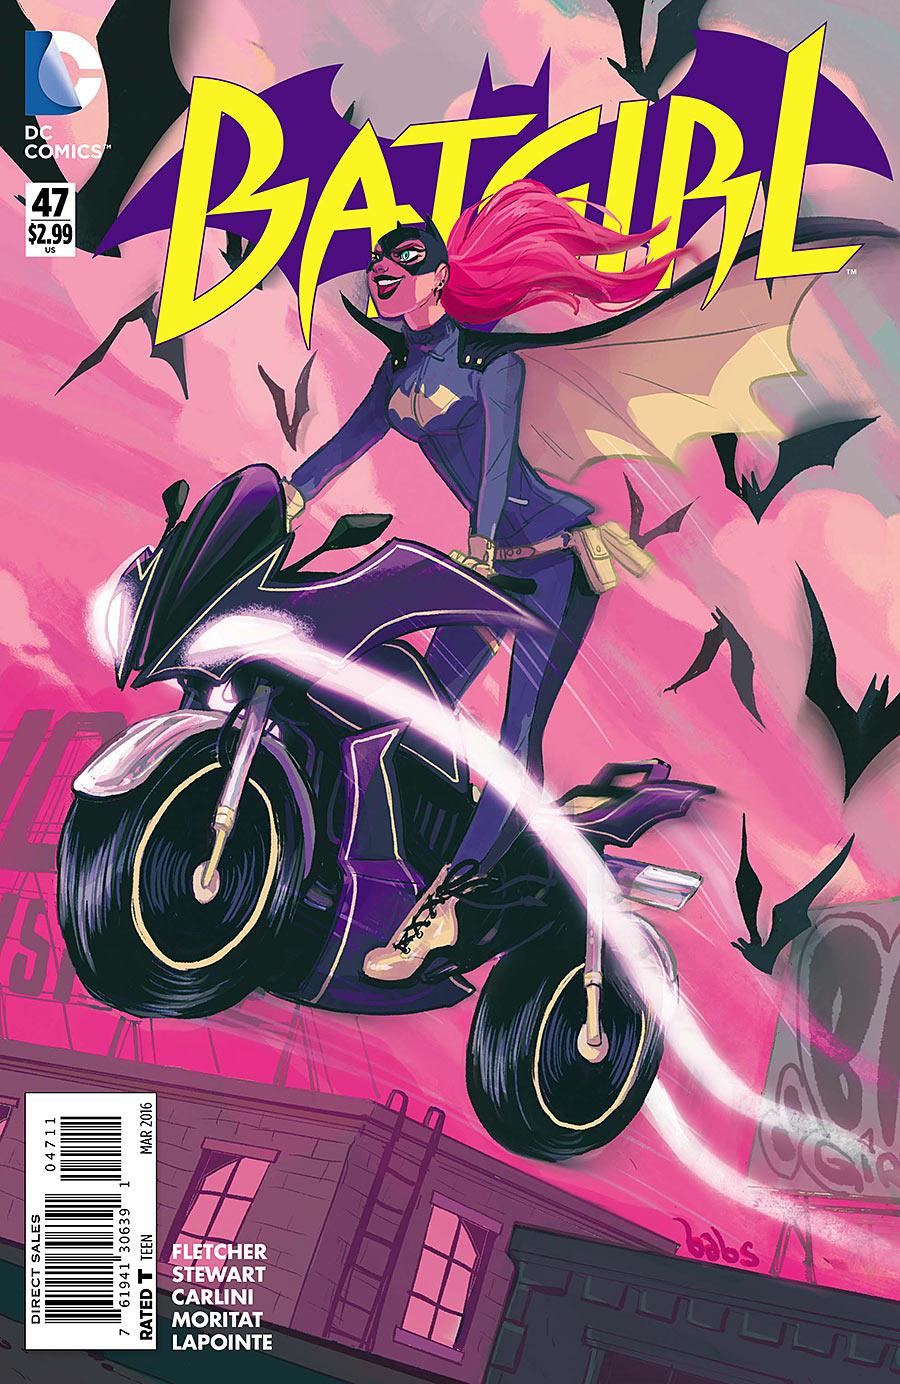 Batgirl #47